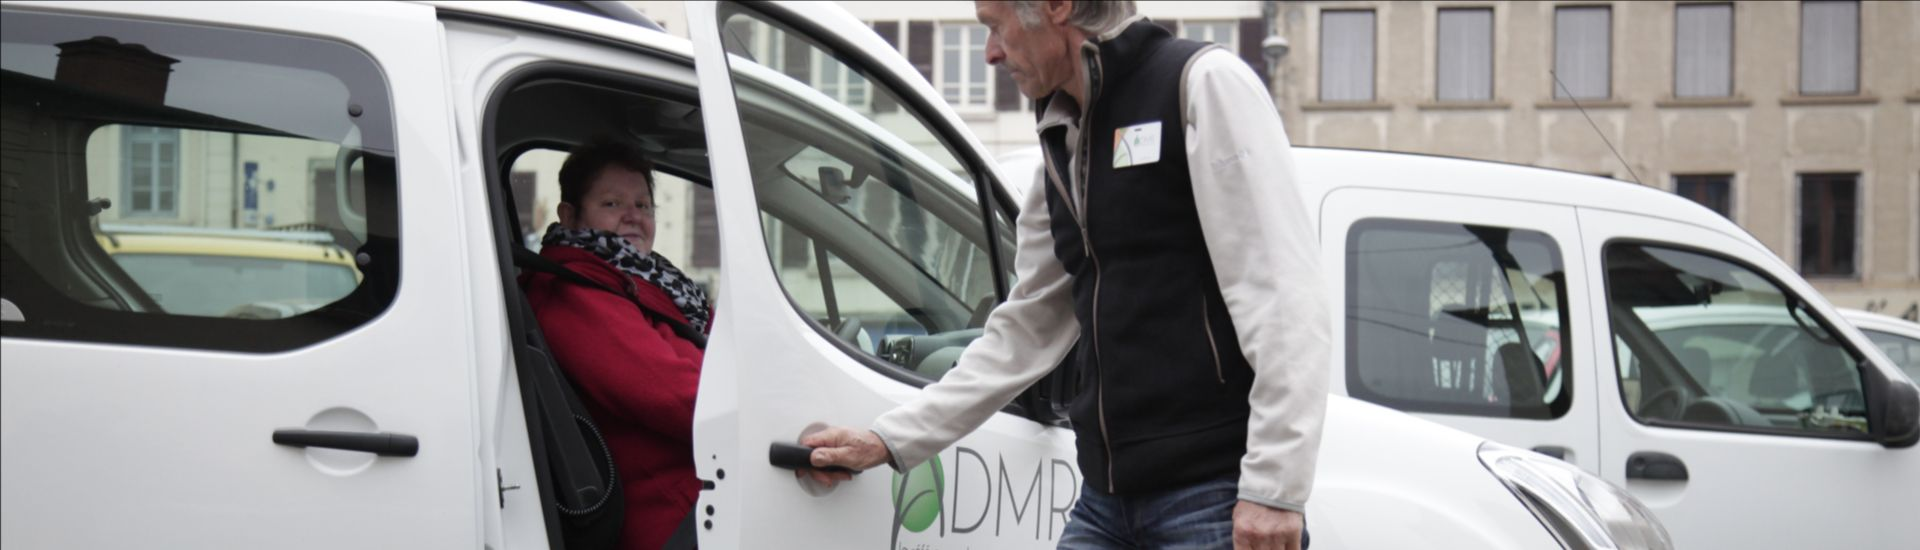 ADMR Tarn, accompagnement des déplacements pour les seniors